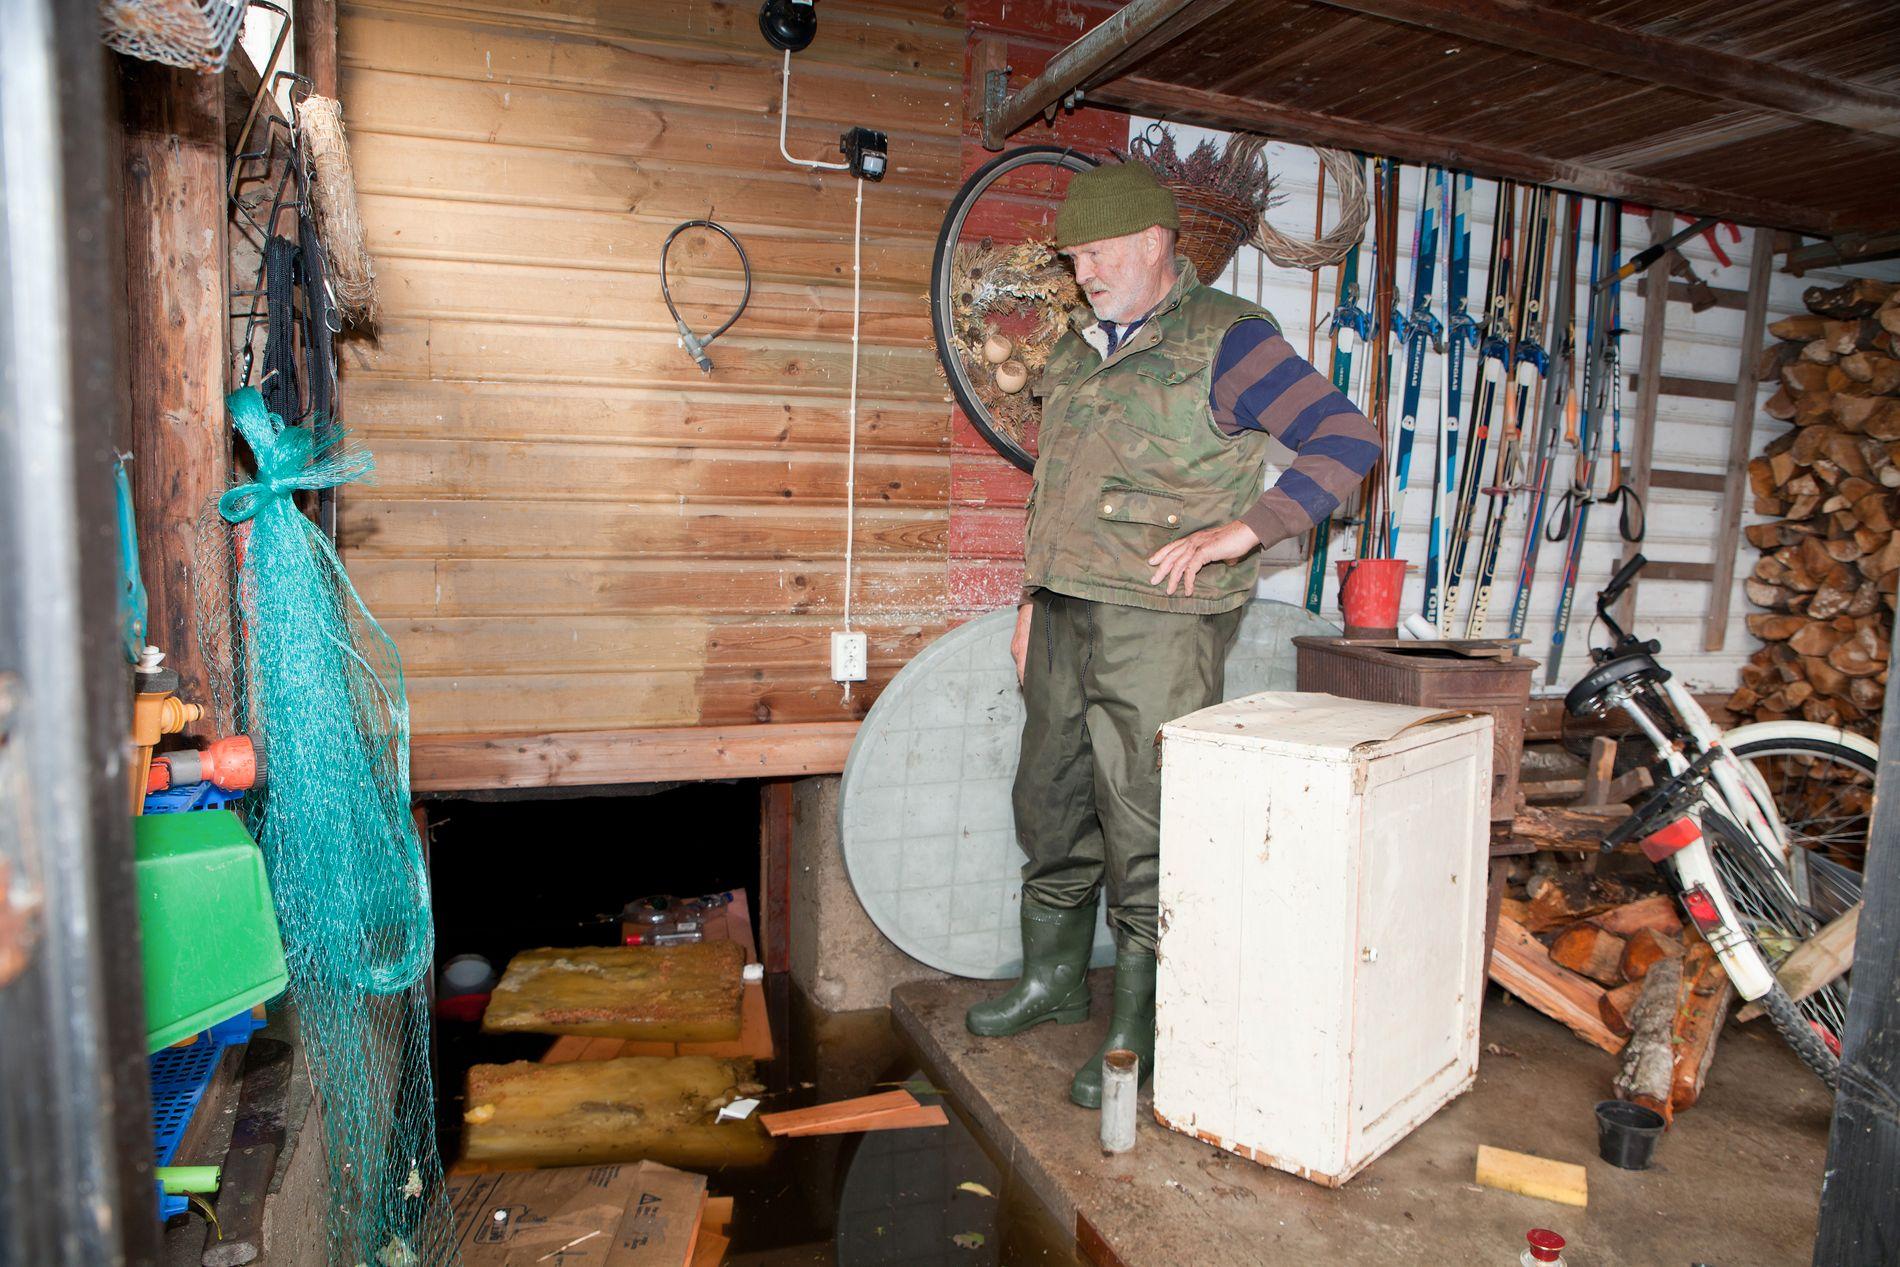 ØKER: Økt nedbør har ført til økende skadeomfang de siste årene. Her viser Oddvar Bysheim frem vannskadene i huset sitt utenfor Kristiansand.